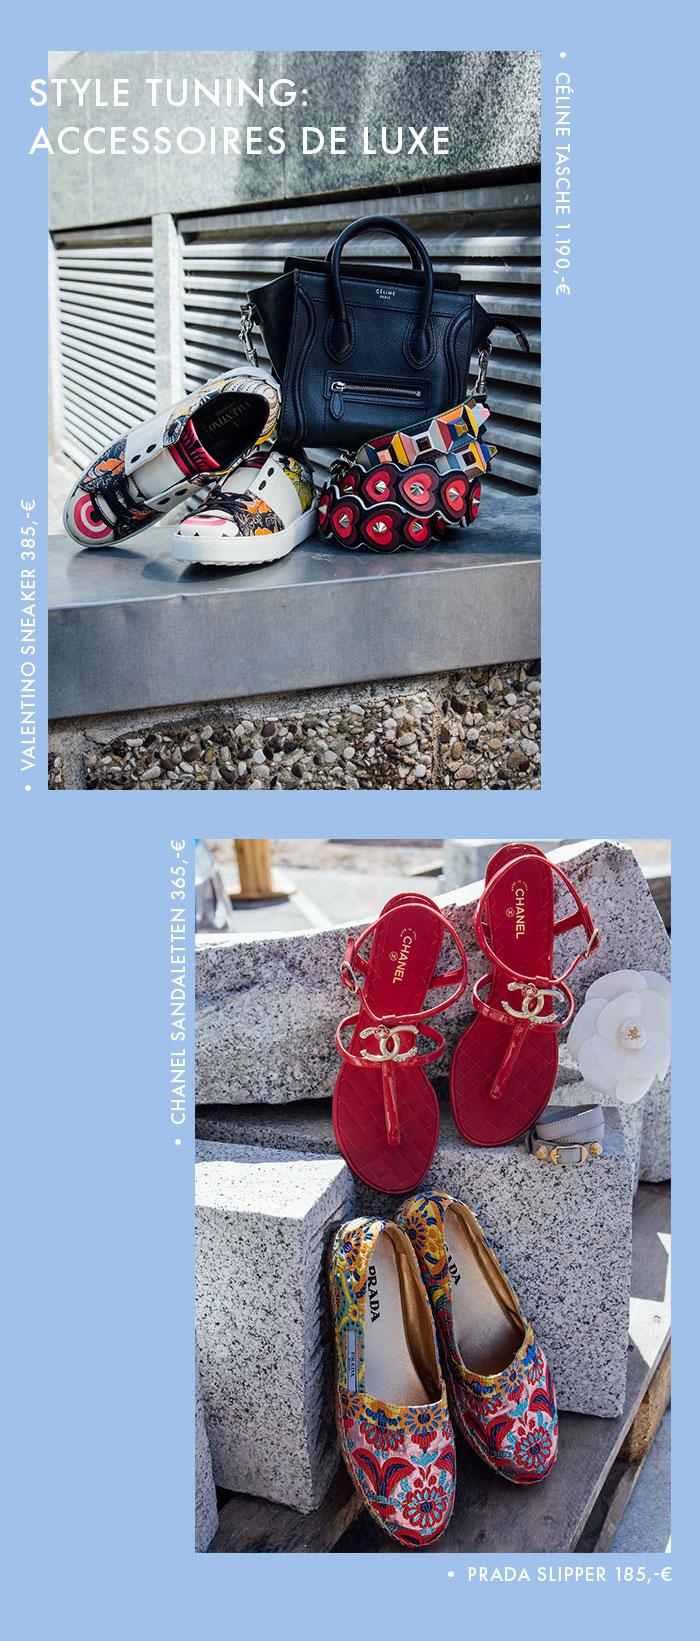 Accessoires De Luxe: Céline